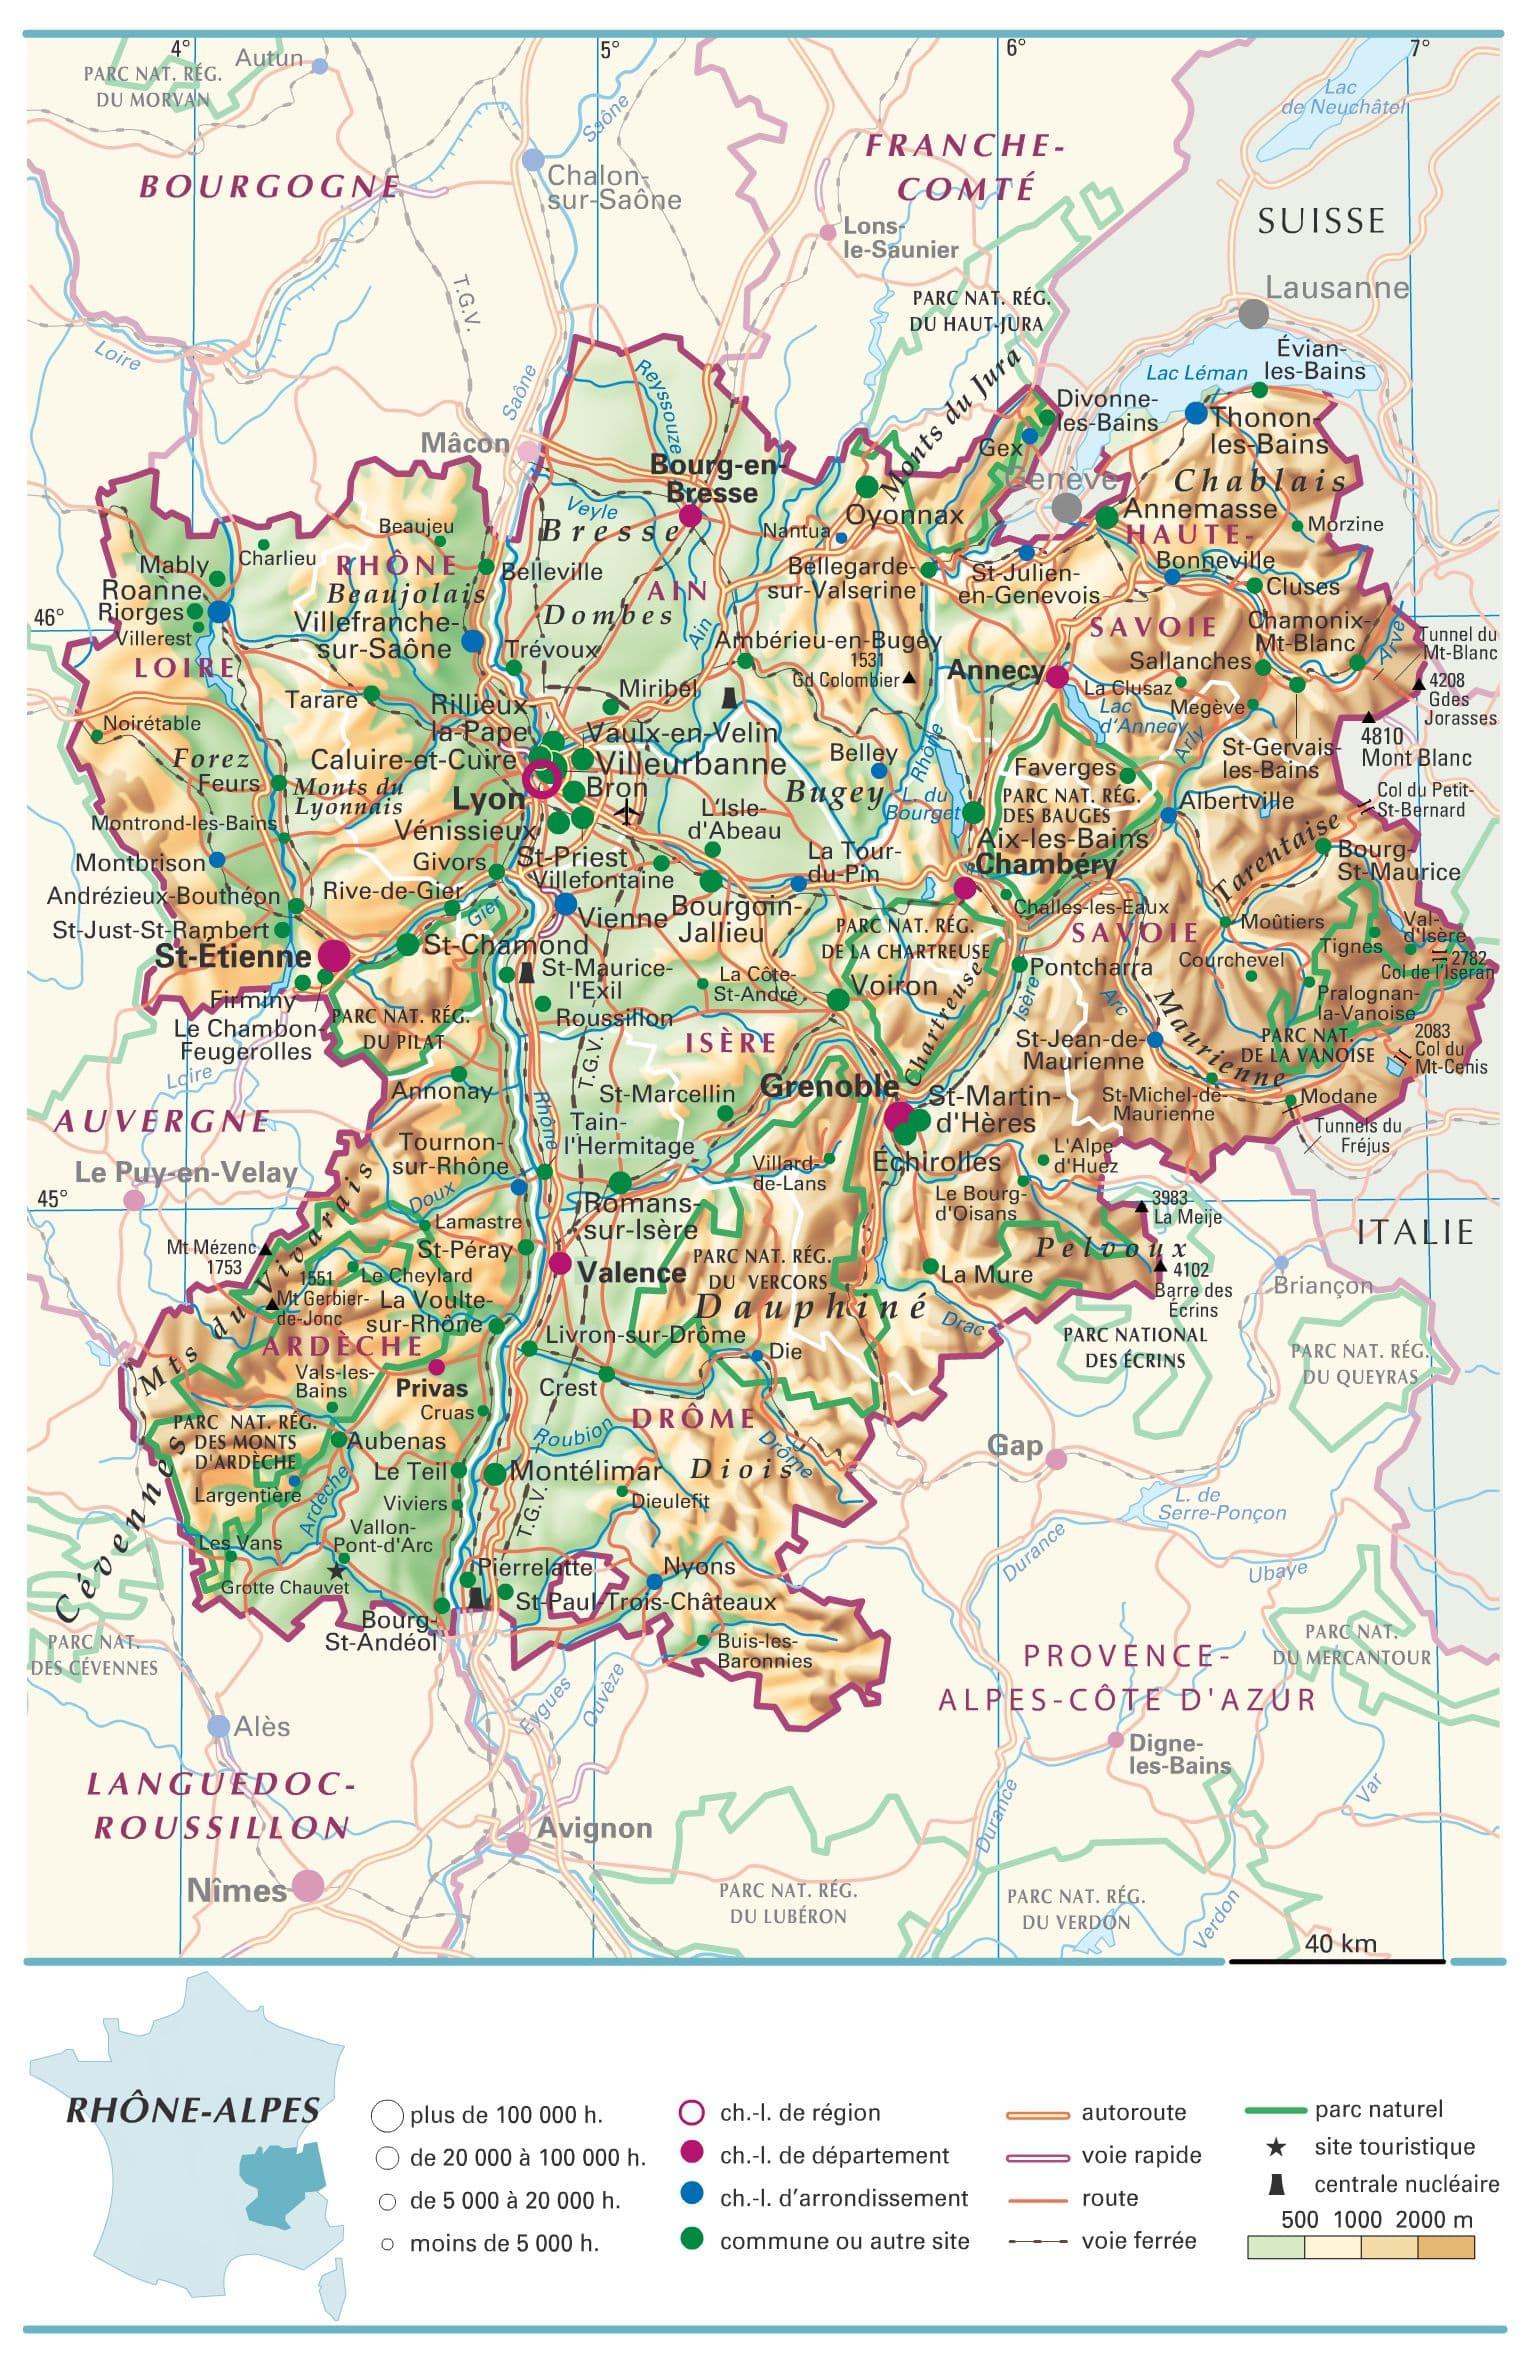 carte-rhone-alpes